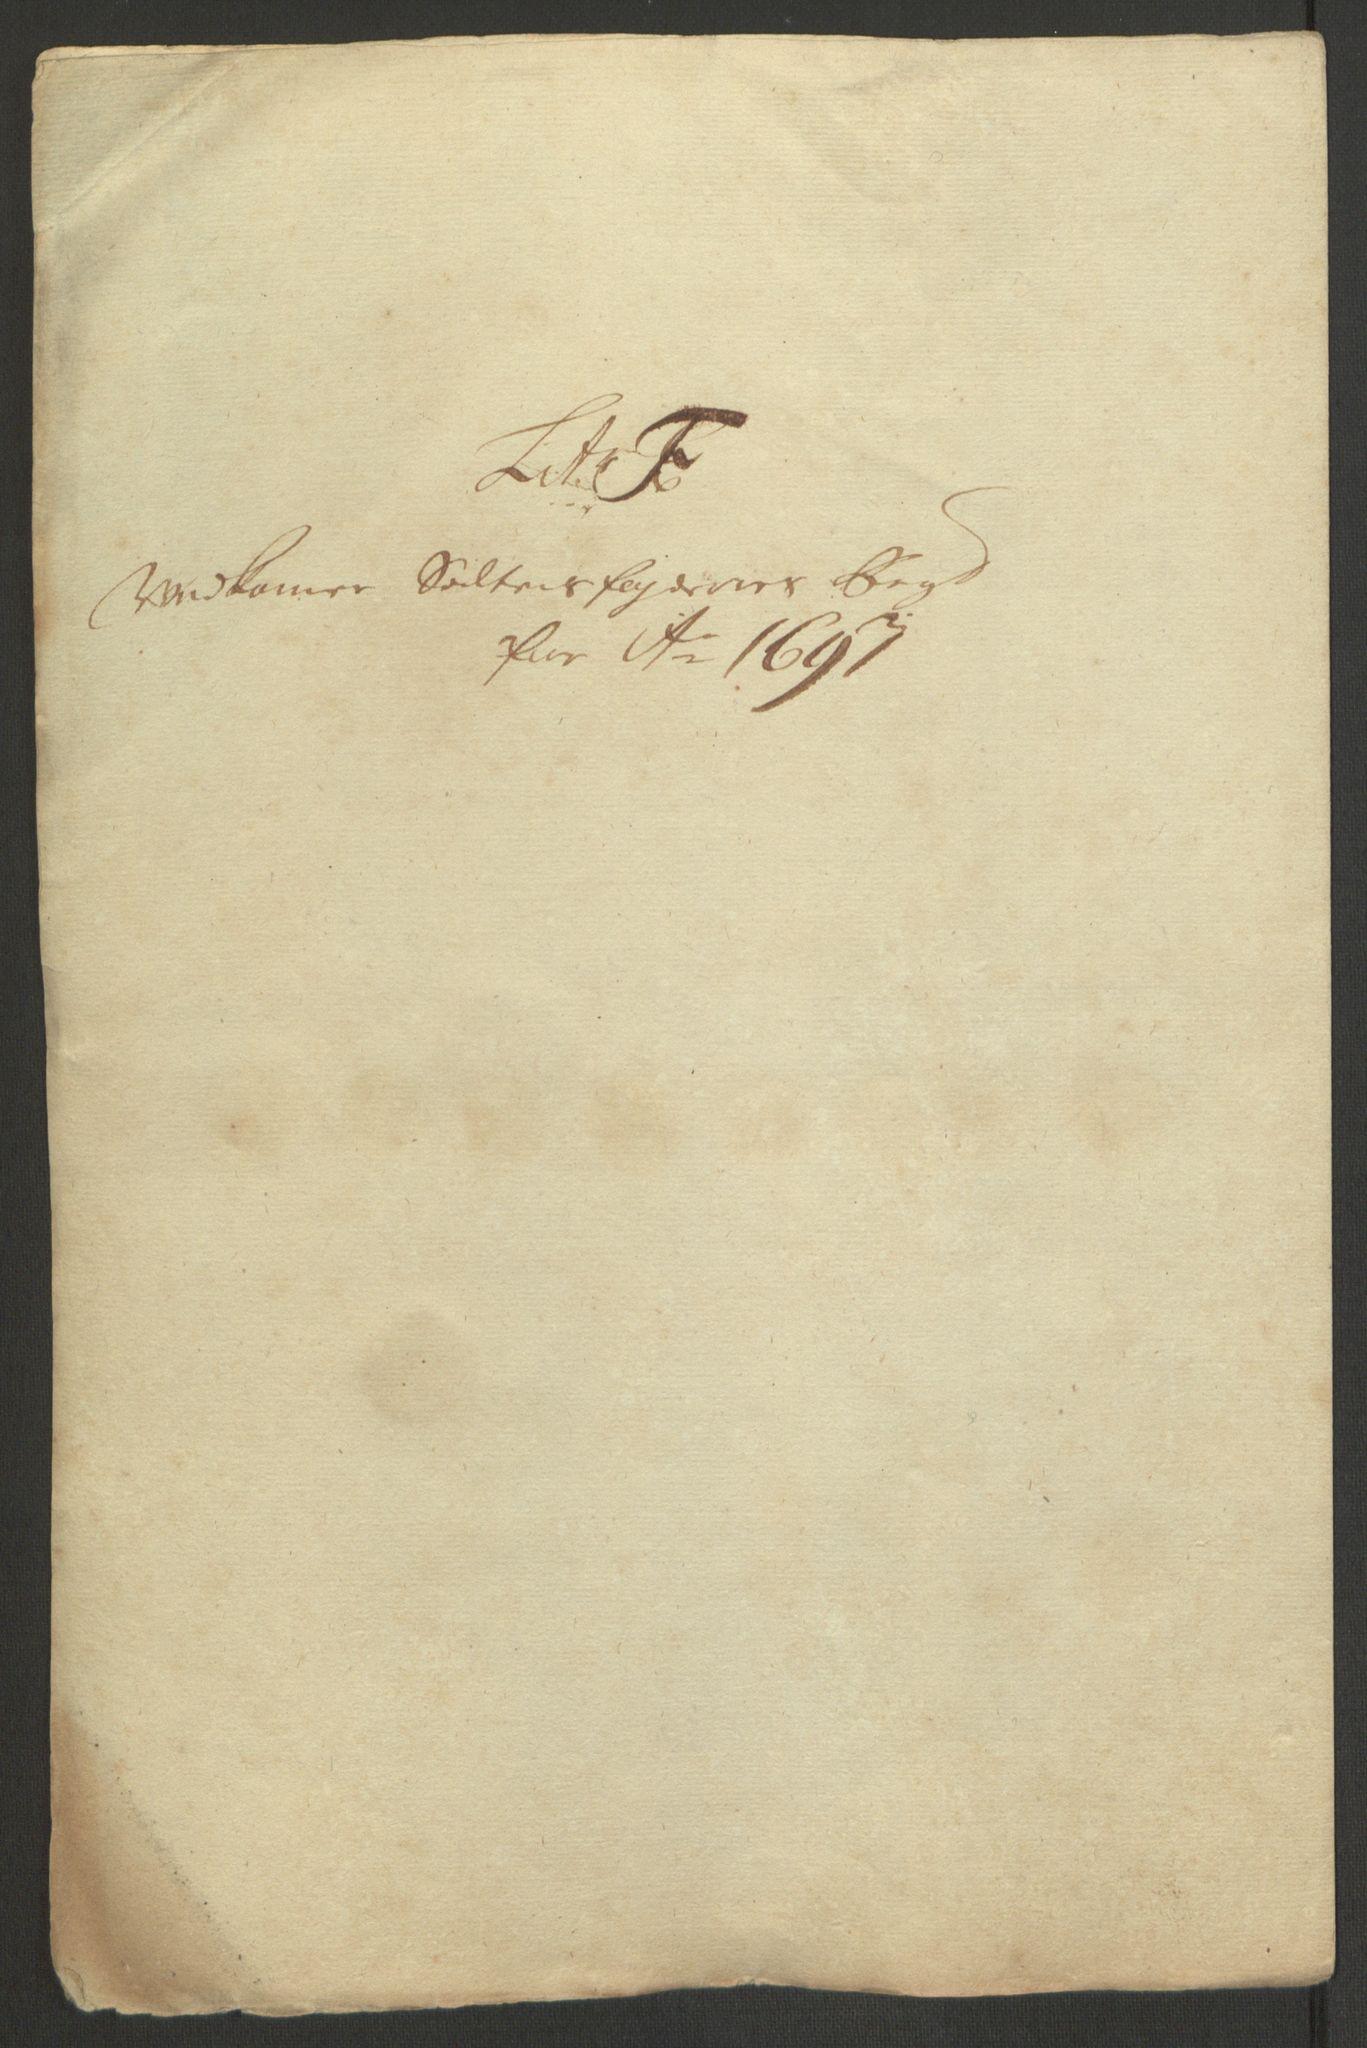 RA, Rentekammeret inntil 1814, Reviderte regnskaper, Fogderegnskap, R66/L4577: Fogderegnskap Salten, 1691-1693, s. 331